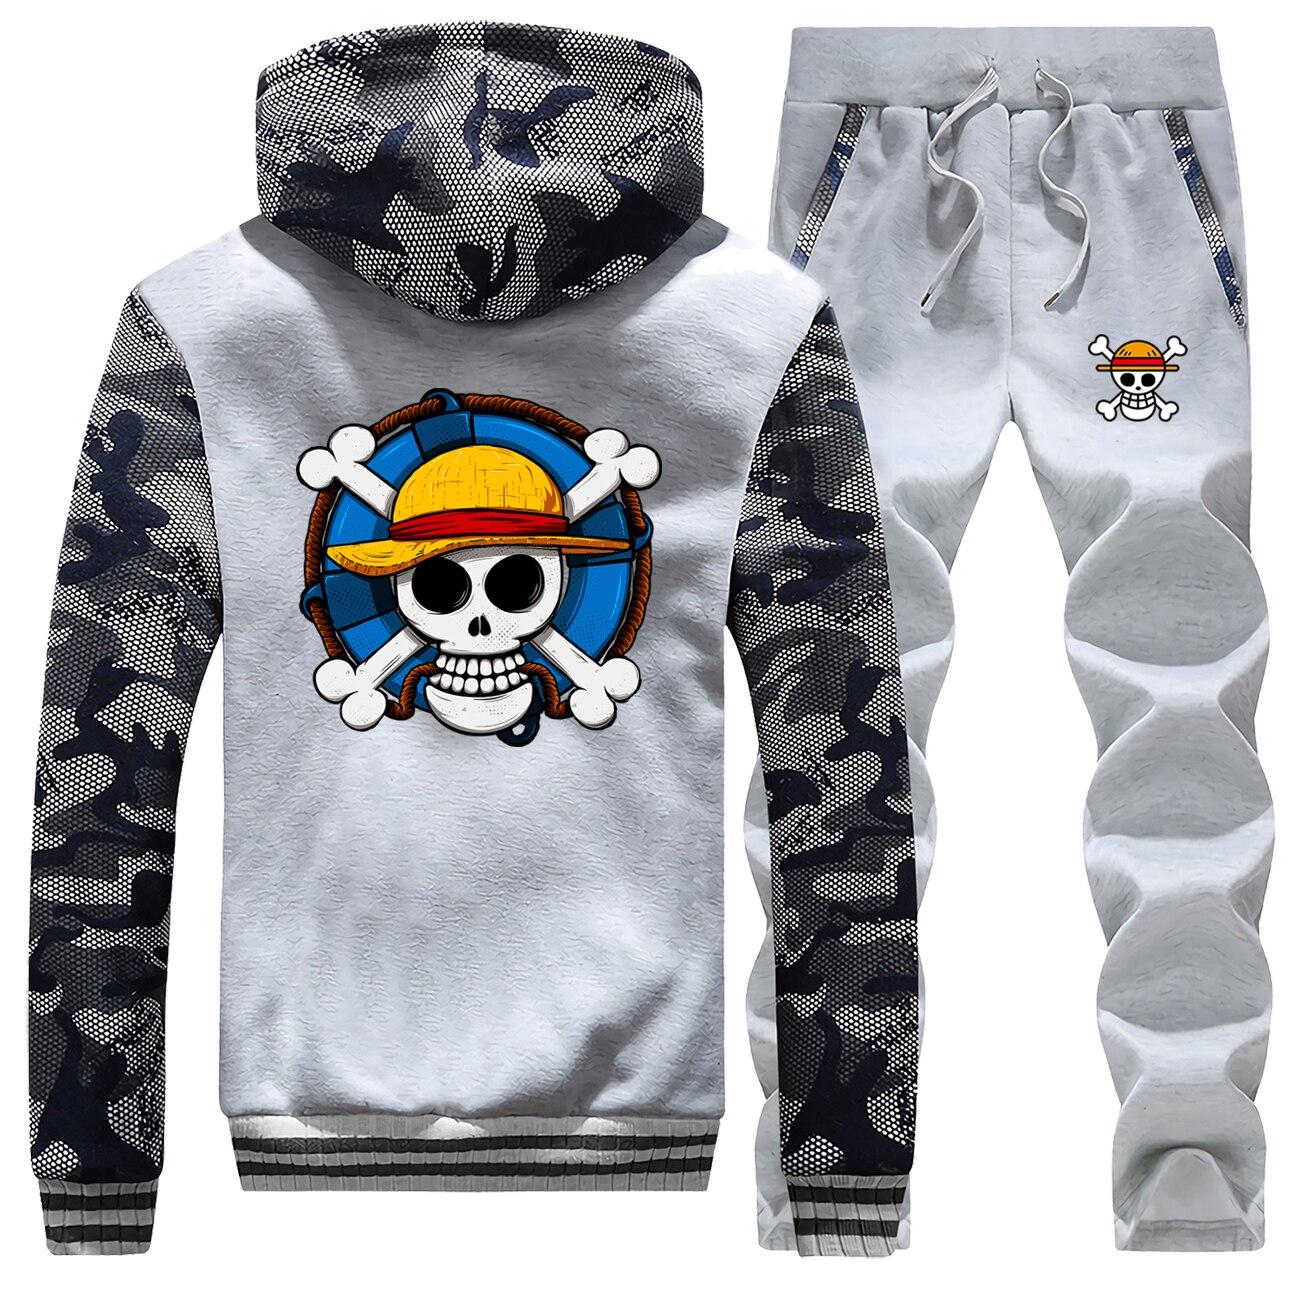 One Piece 2019 Men's Hip Hop Outerwear Thick Warm Men 2Piece Clothing Sets Casual Jacket + Pants 2Pcs Suit Track Sportswear